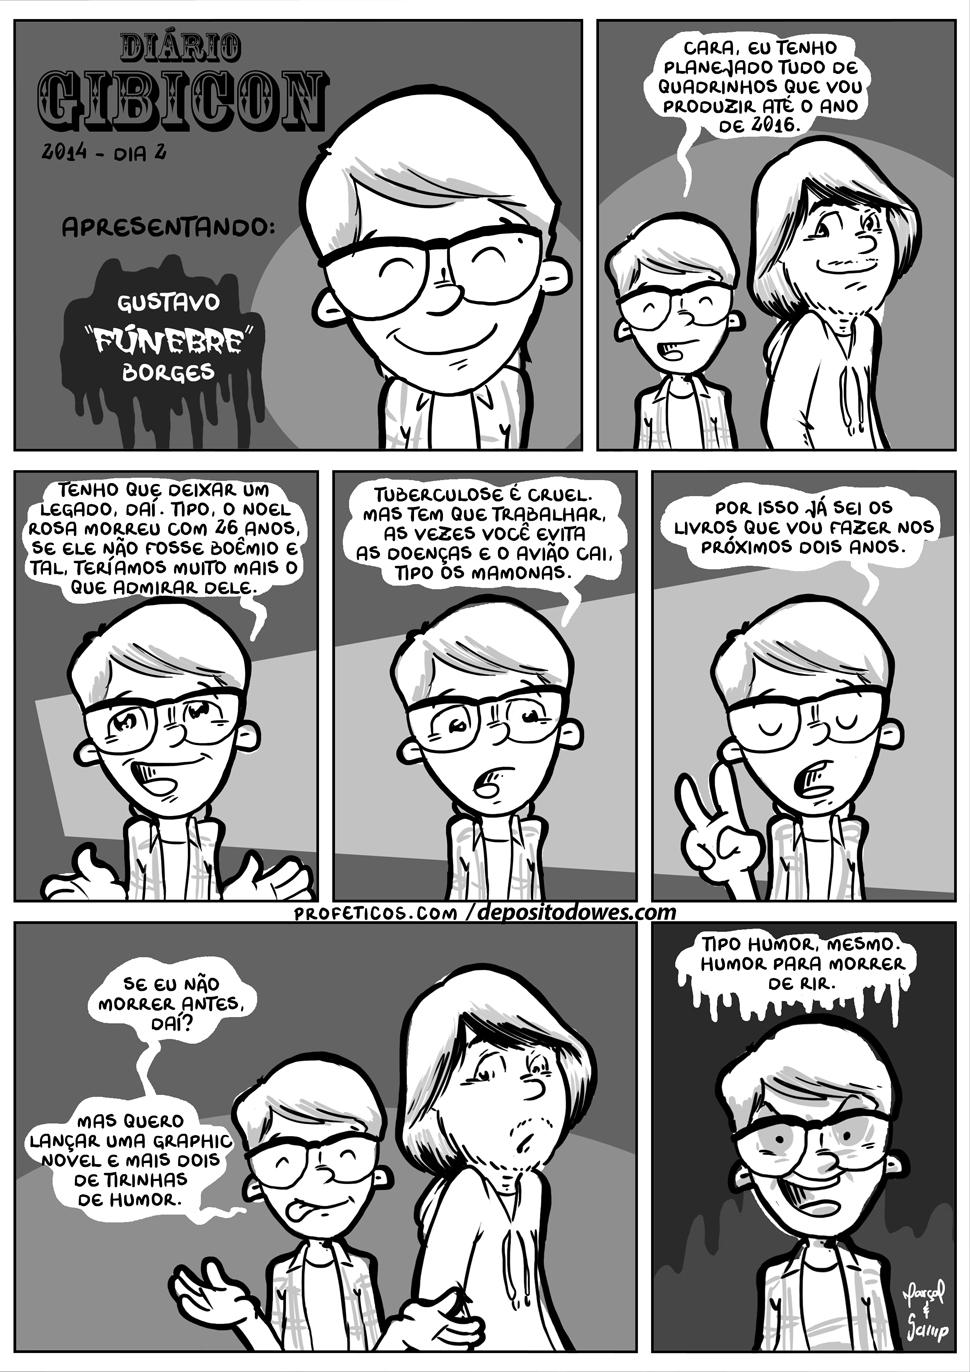 Diário Gibicon - 7 | webcomics, vendas, tirinhas, relacionamentos, quadrinhos, morte crens, morte, livros, Humor Negro, humor, hq, gustavo borges, gibicon, fúnebre, felipe cagno, eventos, amor